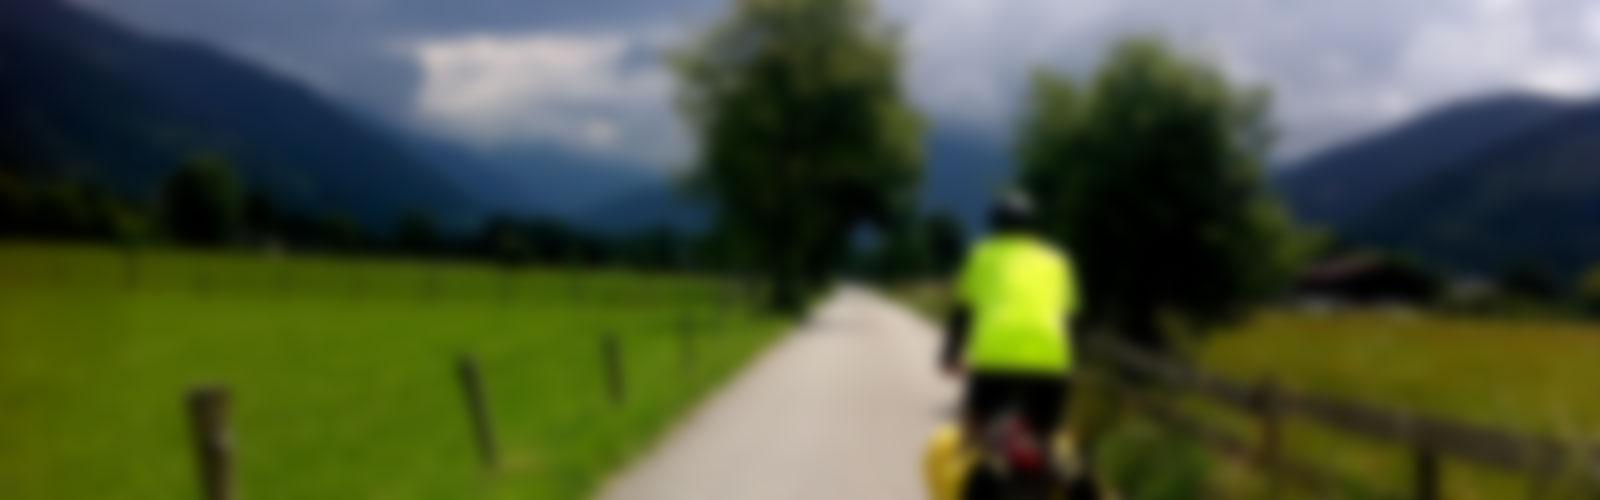 Alla ricerca di una ciclovia per Taxenbach.